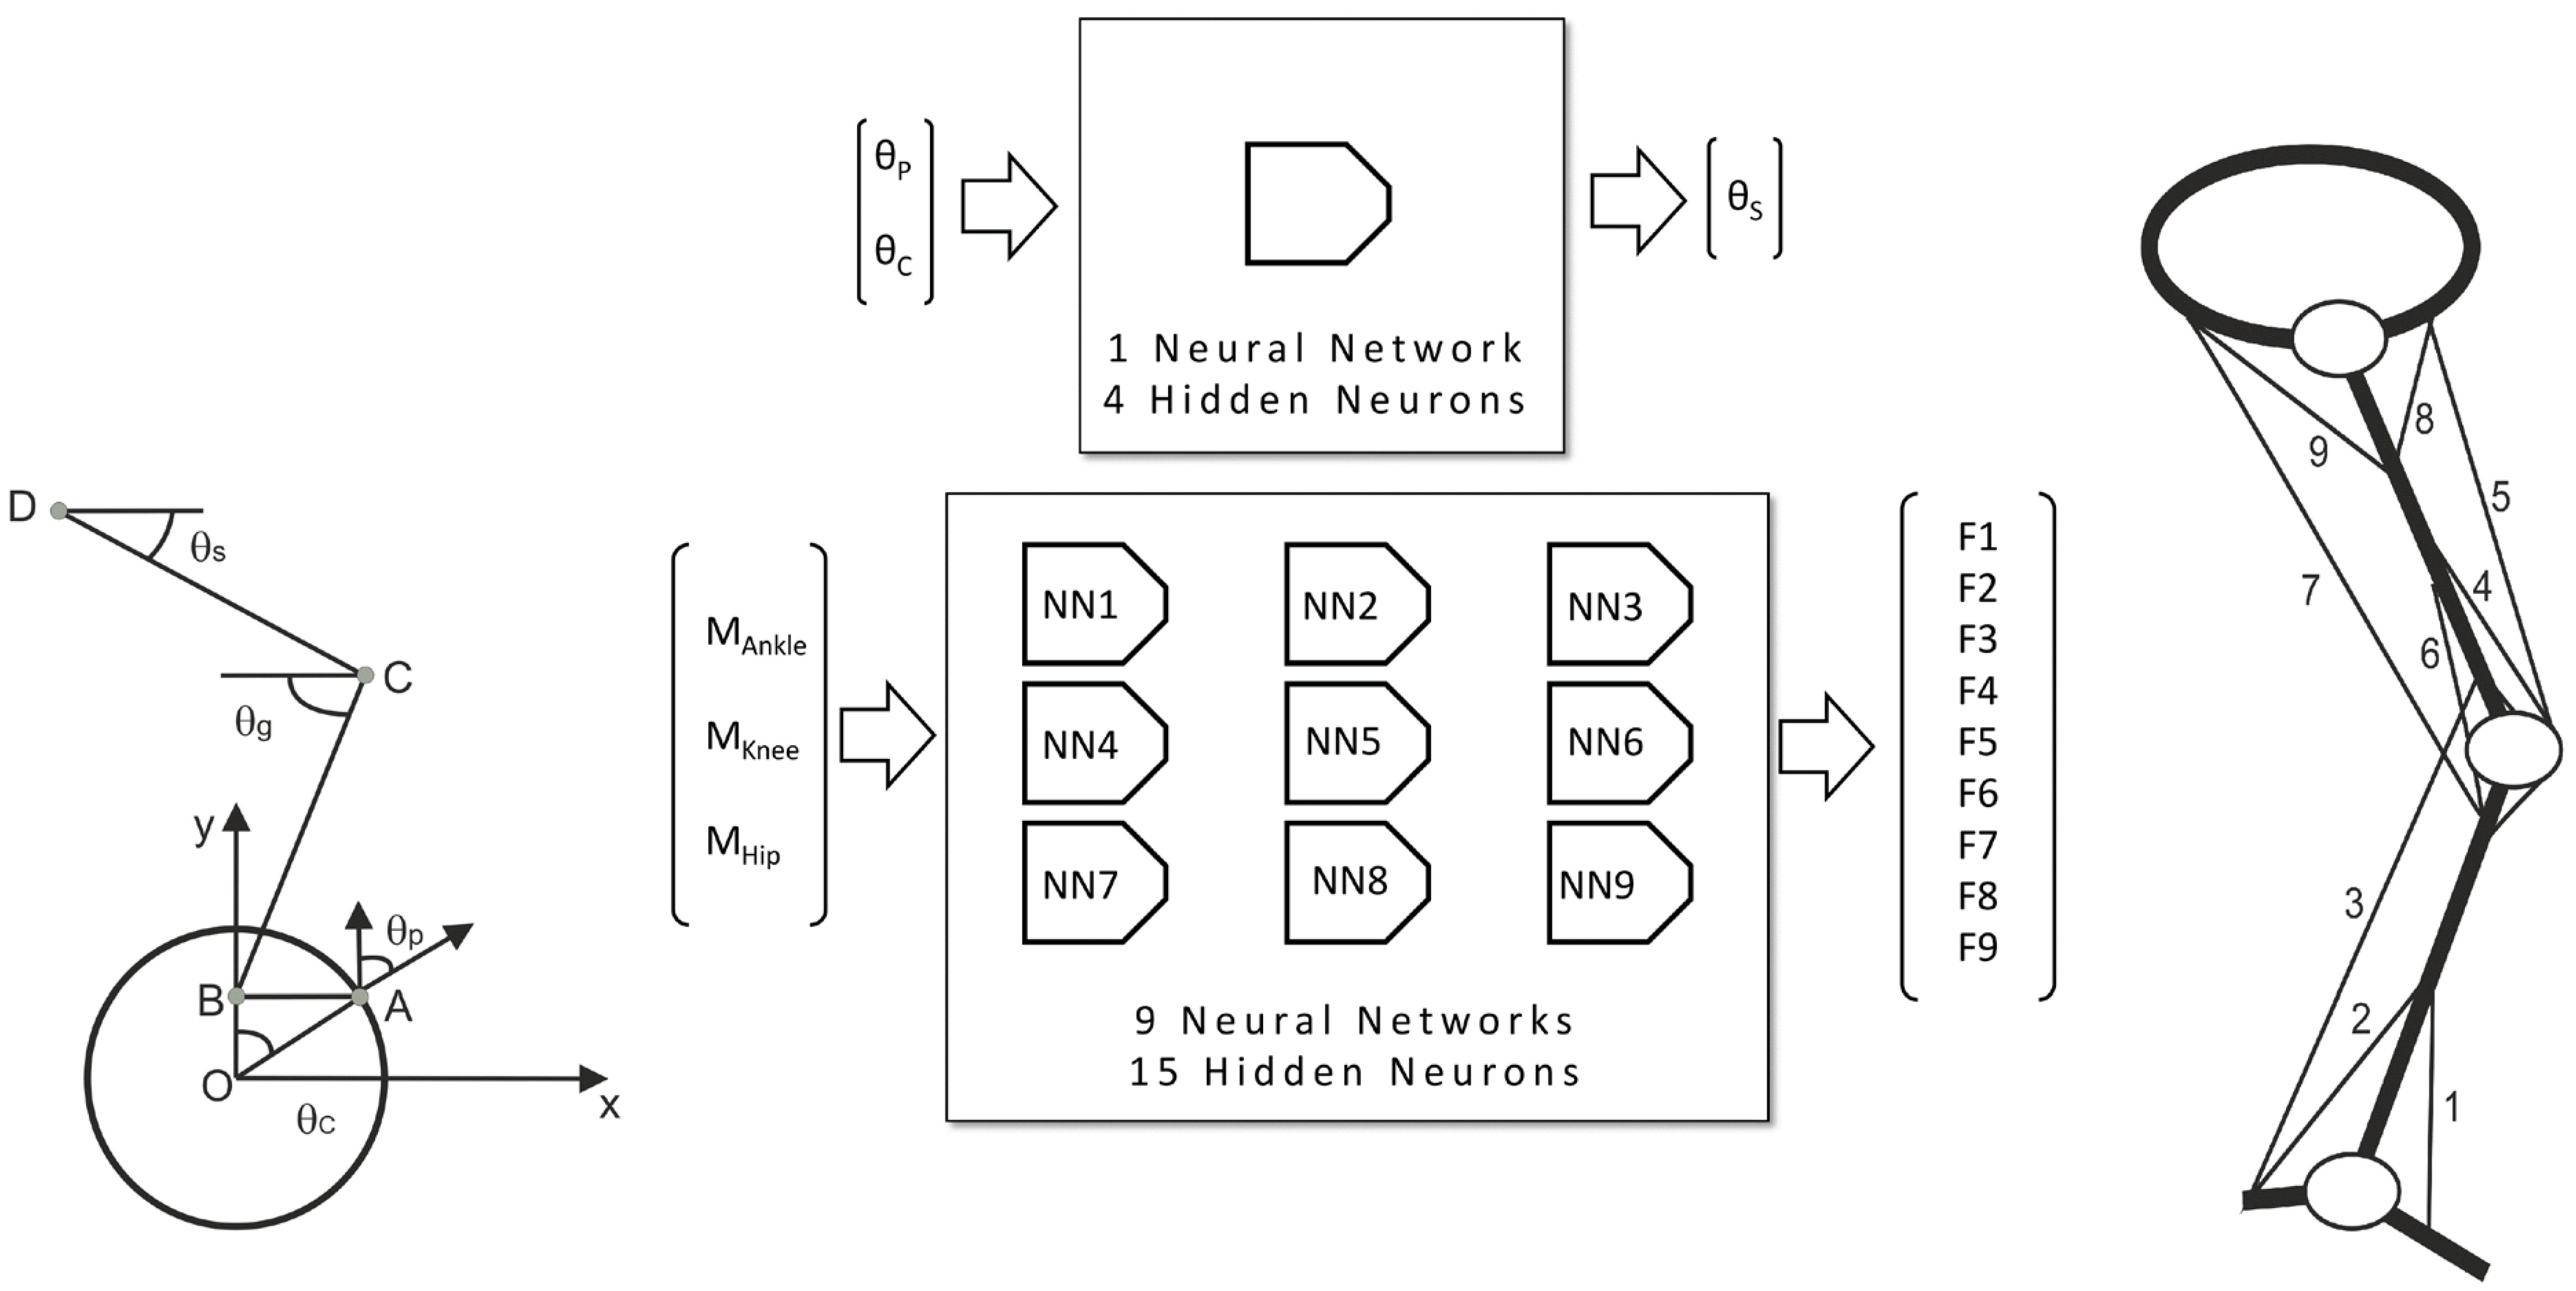 research papers on networks Attngan: fine-grained text to image generation with attentional generative adversarial networks tao xu 1, pengchuan zhang2, qiuyuan huang2, han zhang3, zhe gan4, xiaolei huang1, xiaodong he2.